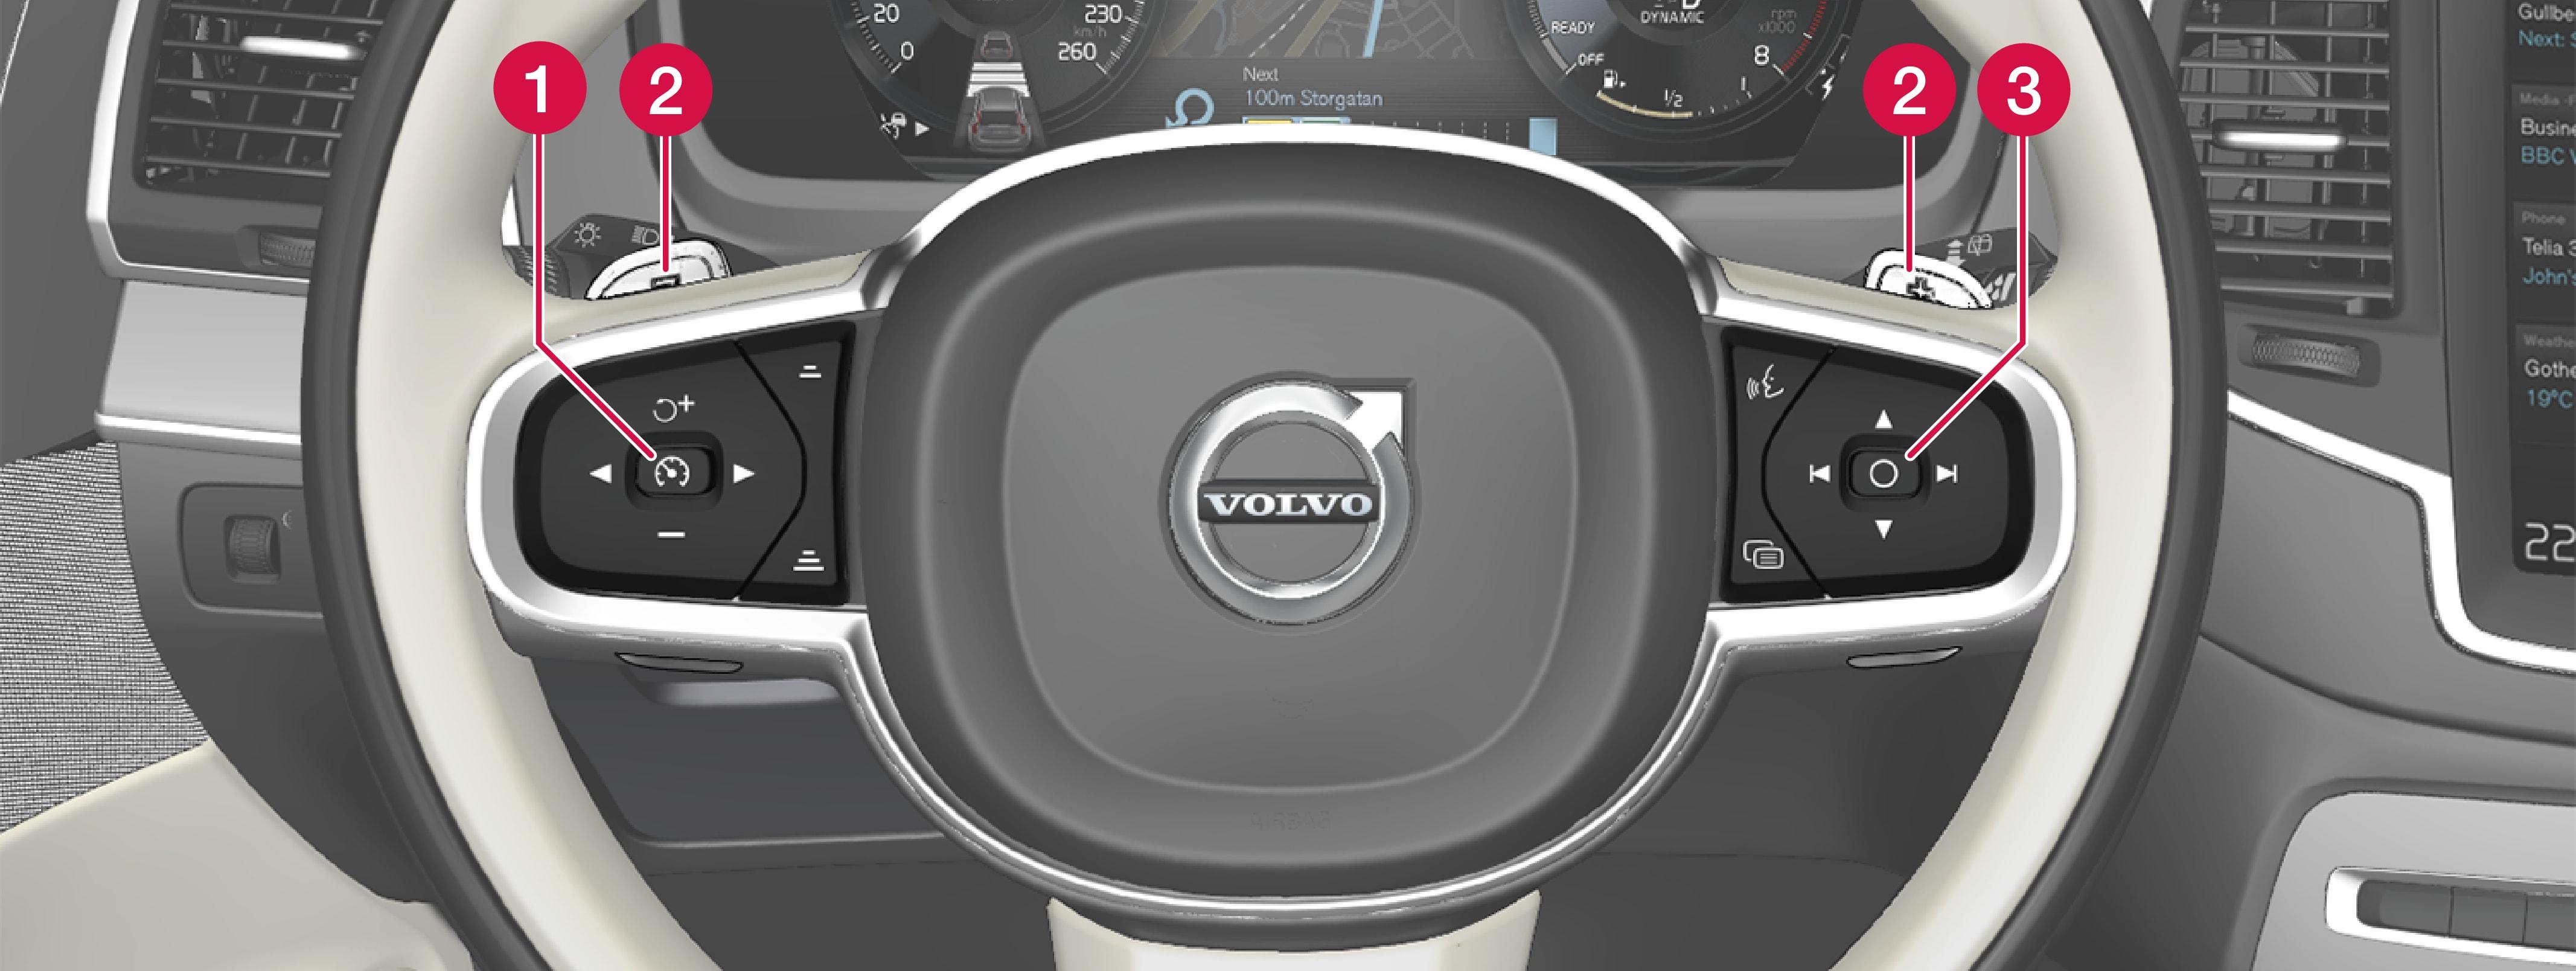 P5-1507-Steering wheel